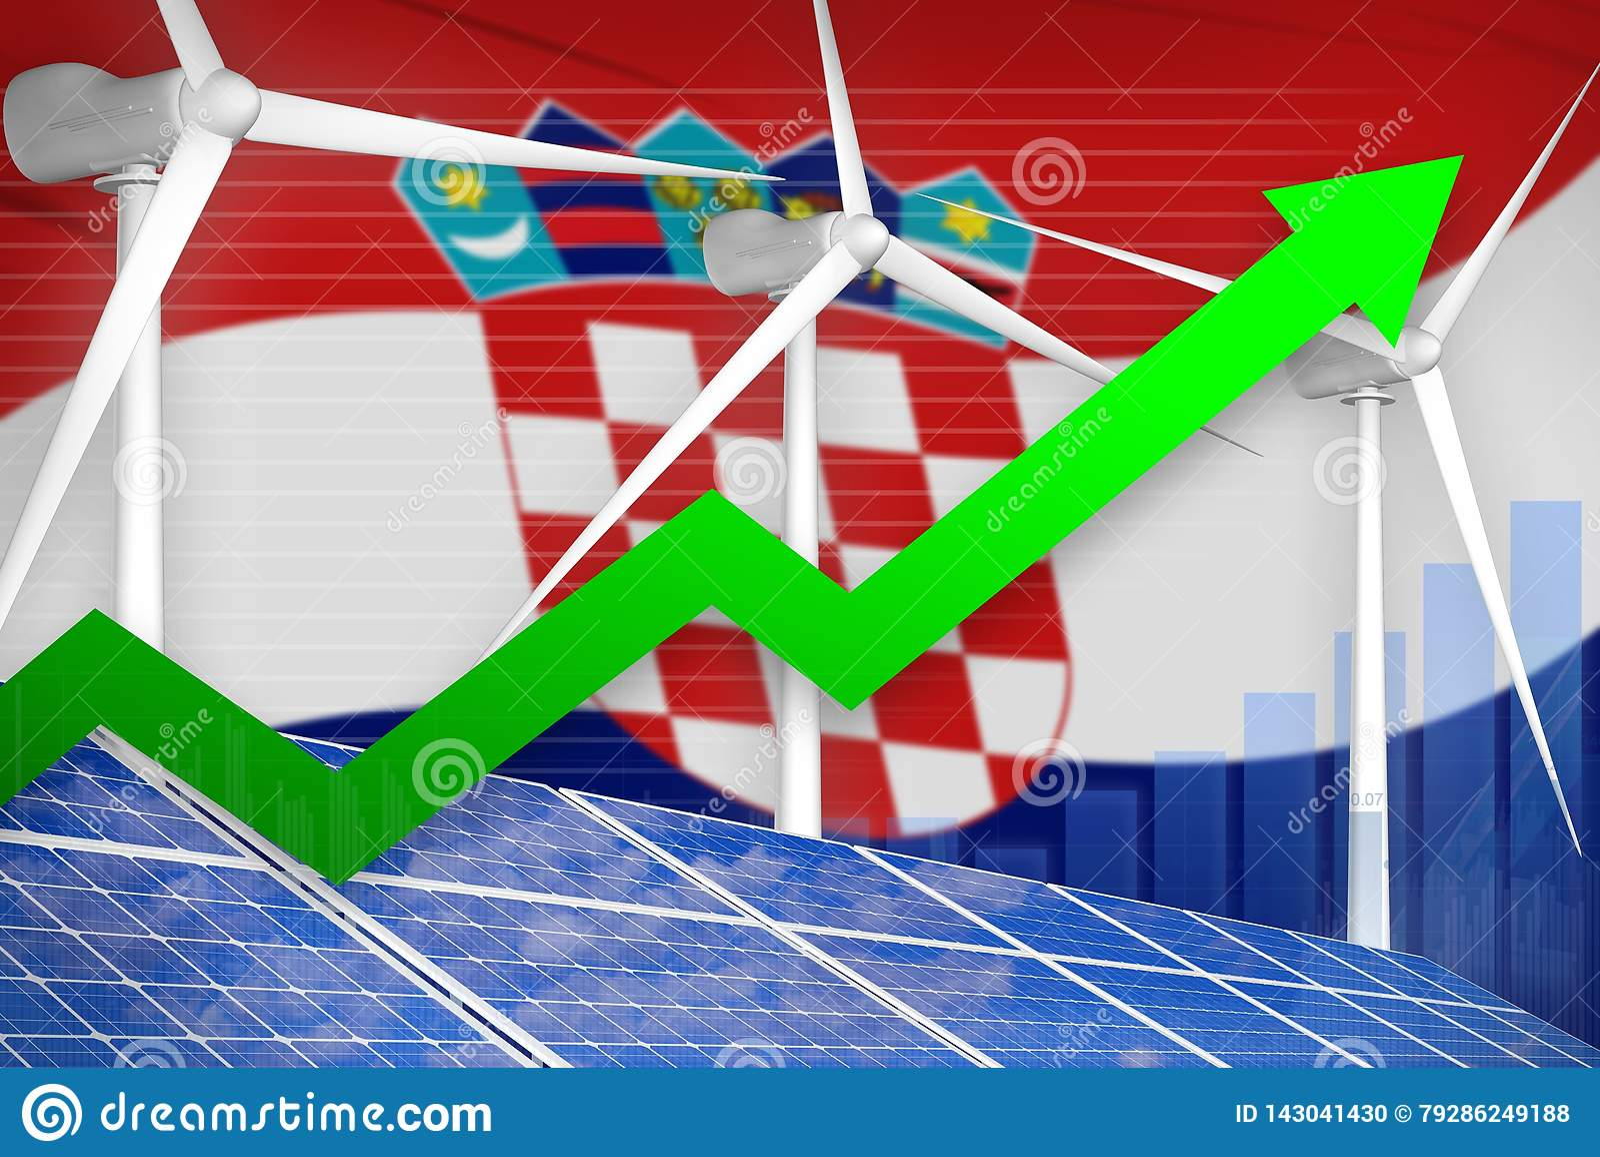 La Croatie solaire et diagramme en hausse d énergie éolienne, flèche vers le haut - d illustration industrielle moderne d énergie